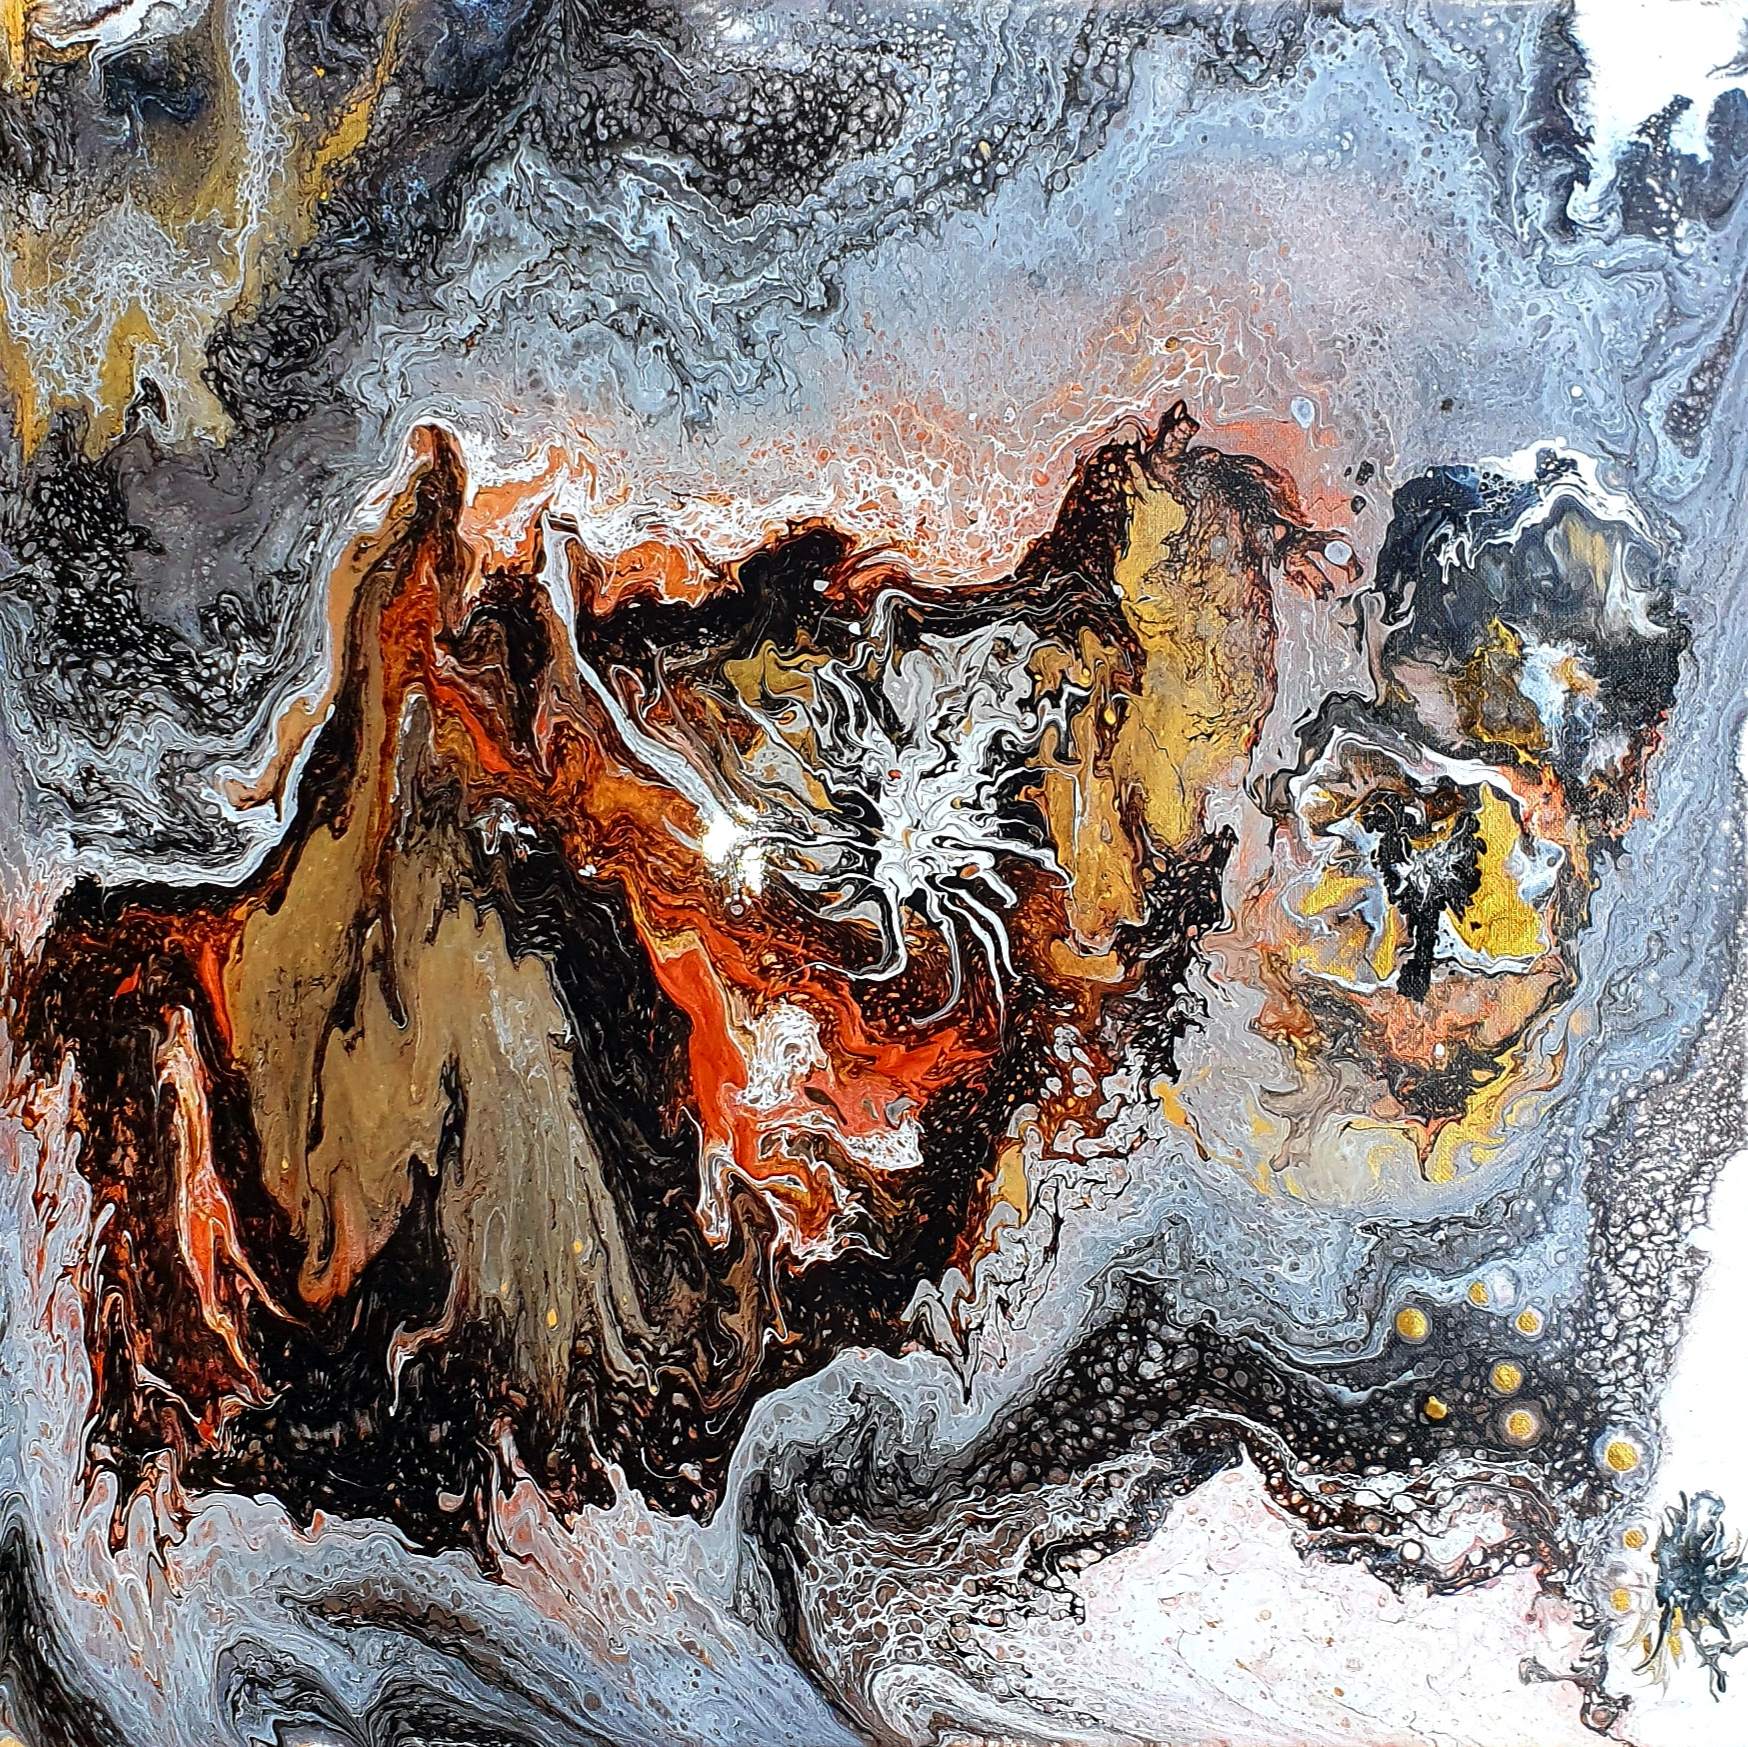 """Obraz akryl 60cm x 60cm pt. """"Marmurowy sen"""" (2020)"""